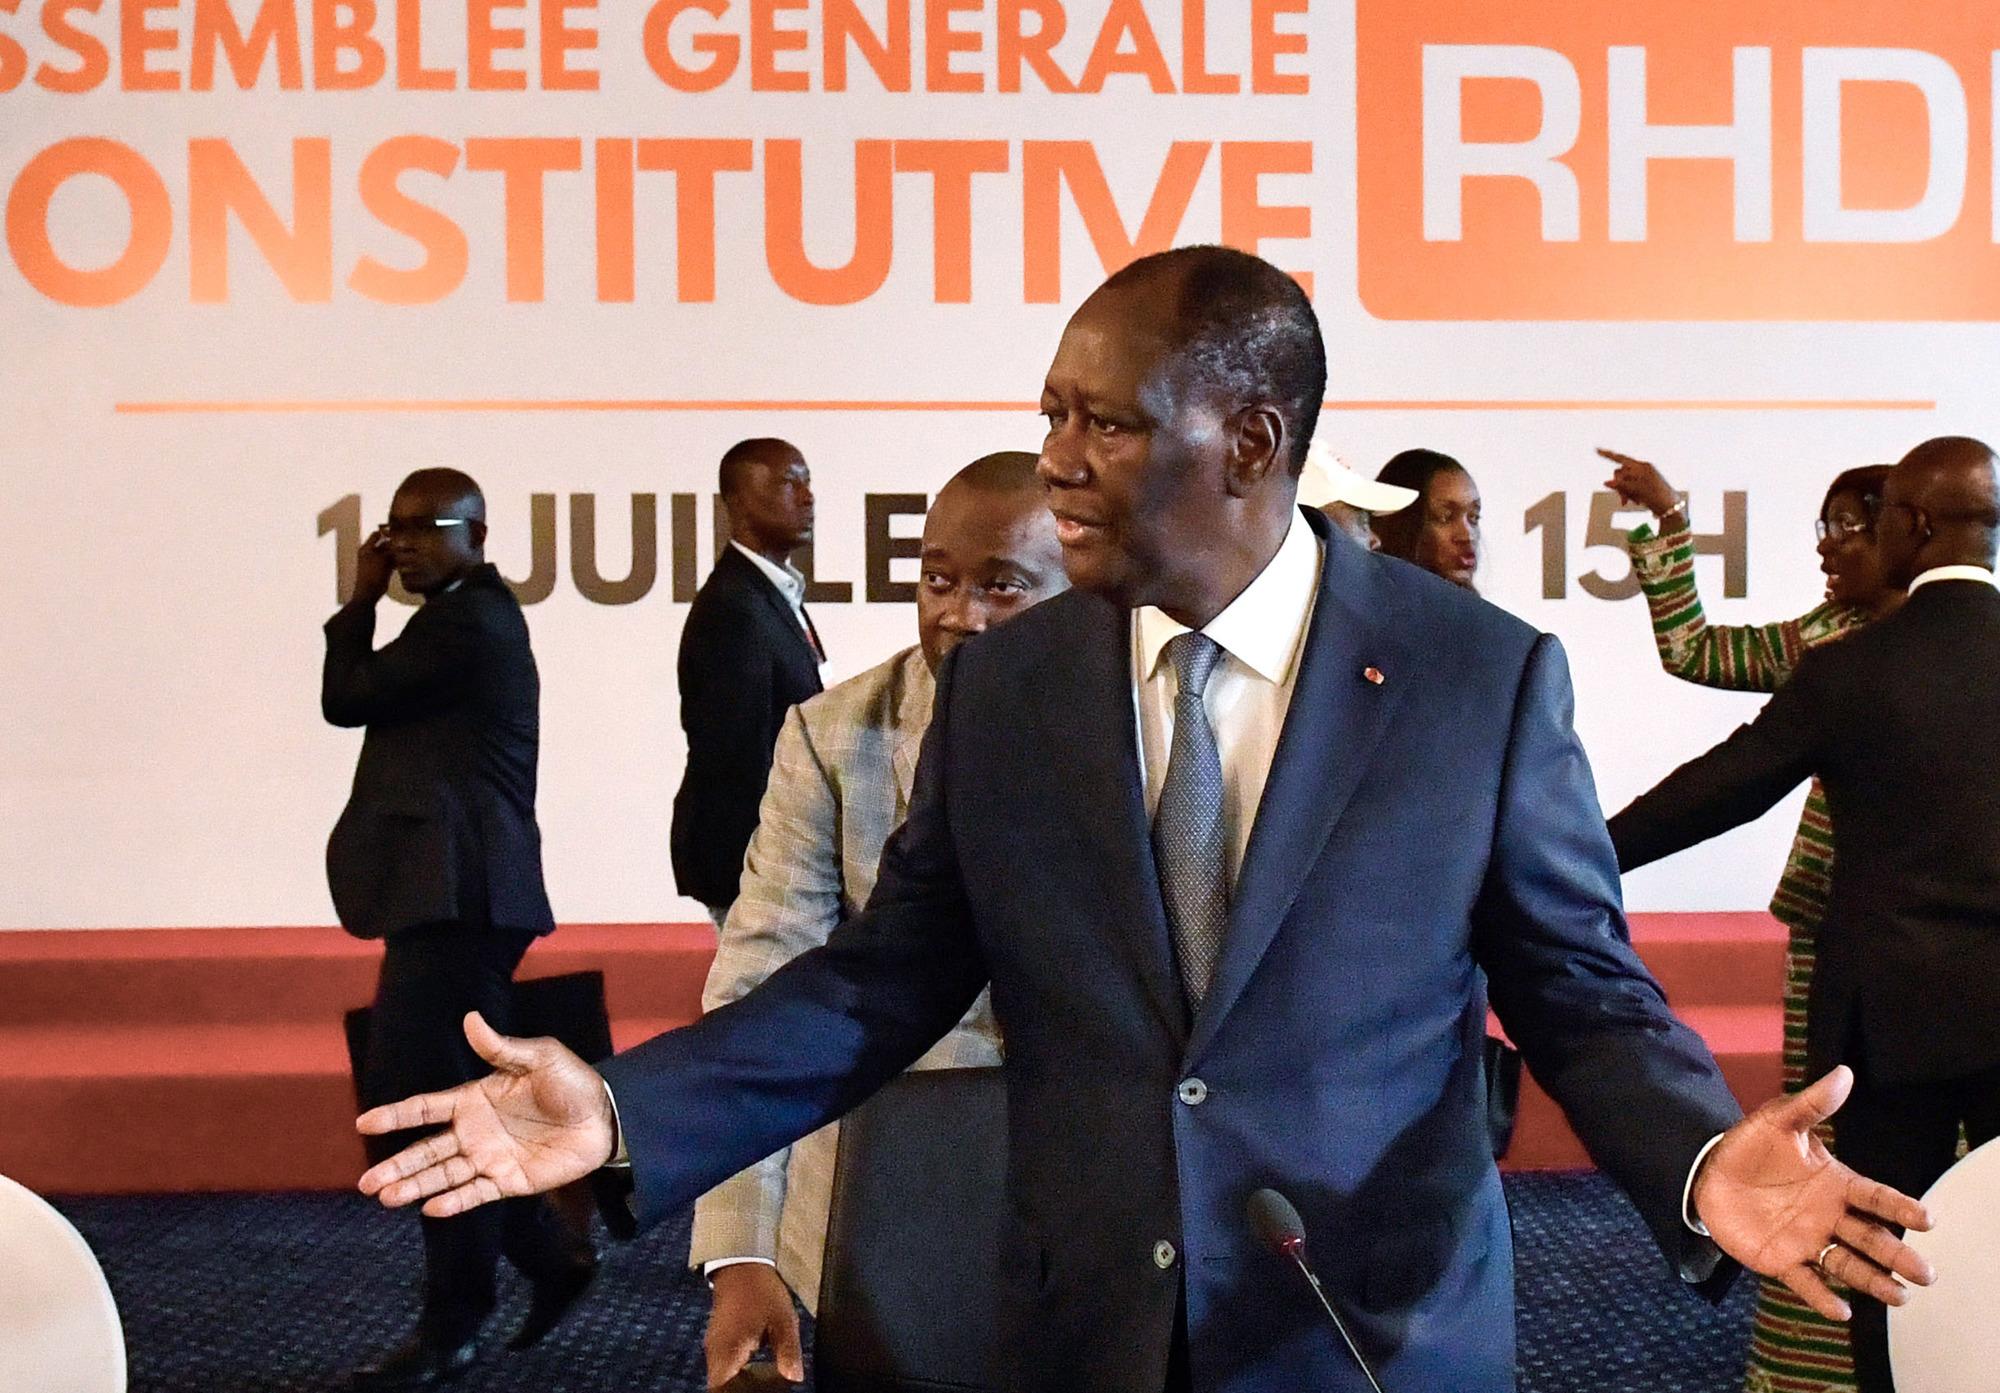 ADO a été élu président du RHDP le 16juillet, lors du lancement du parti unifié.